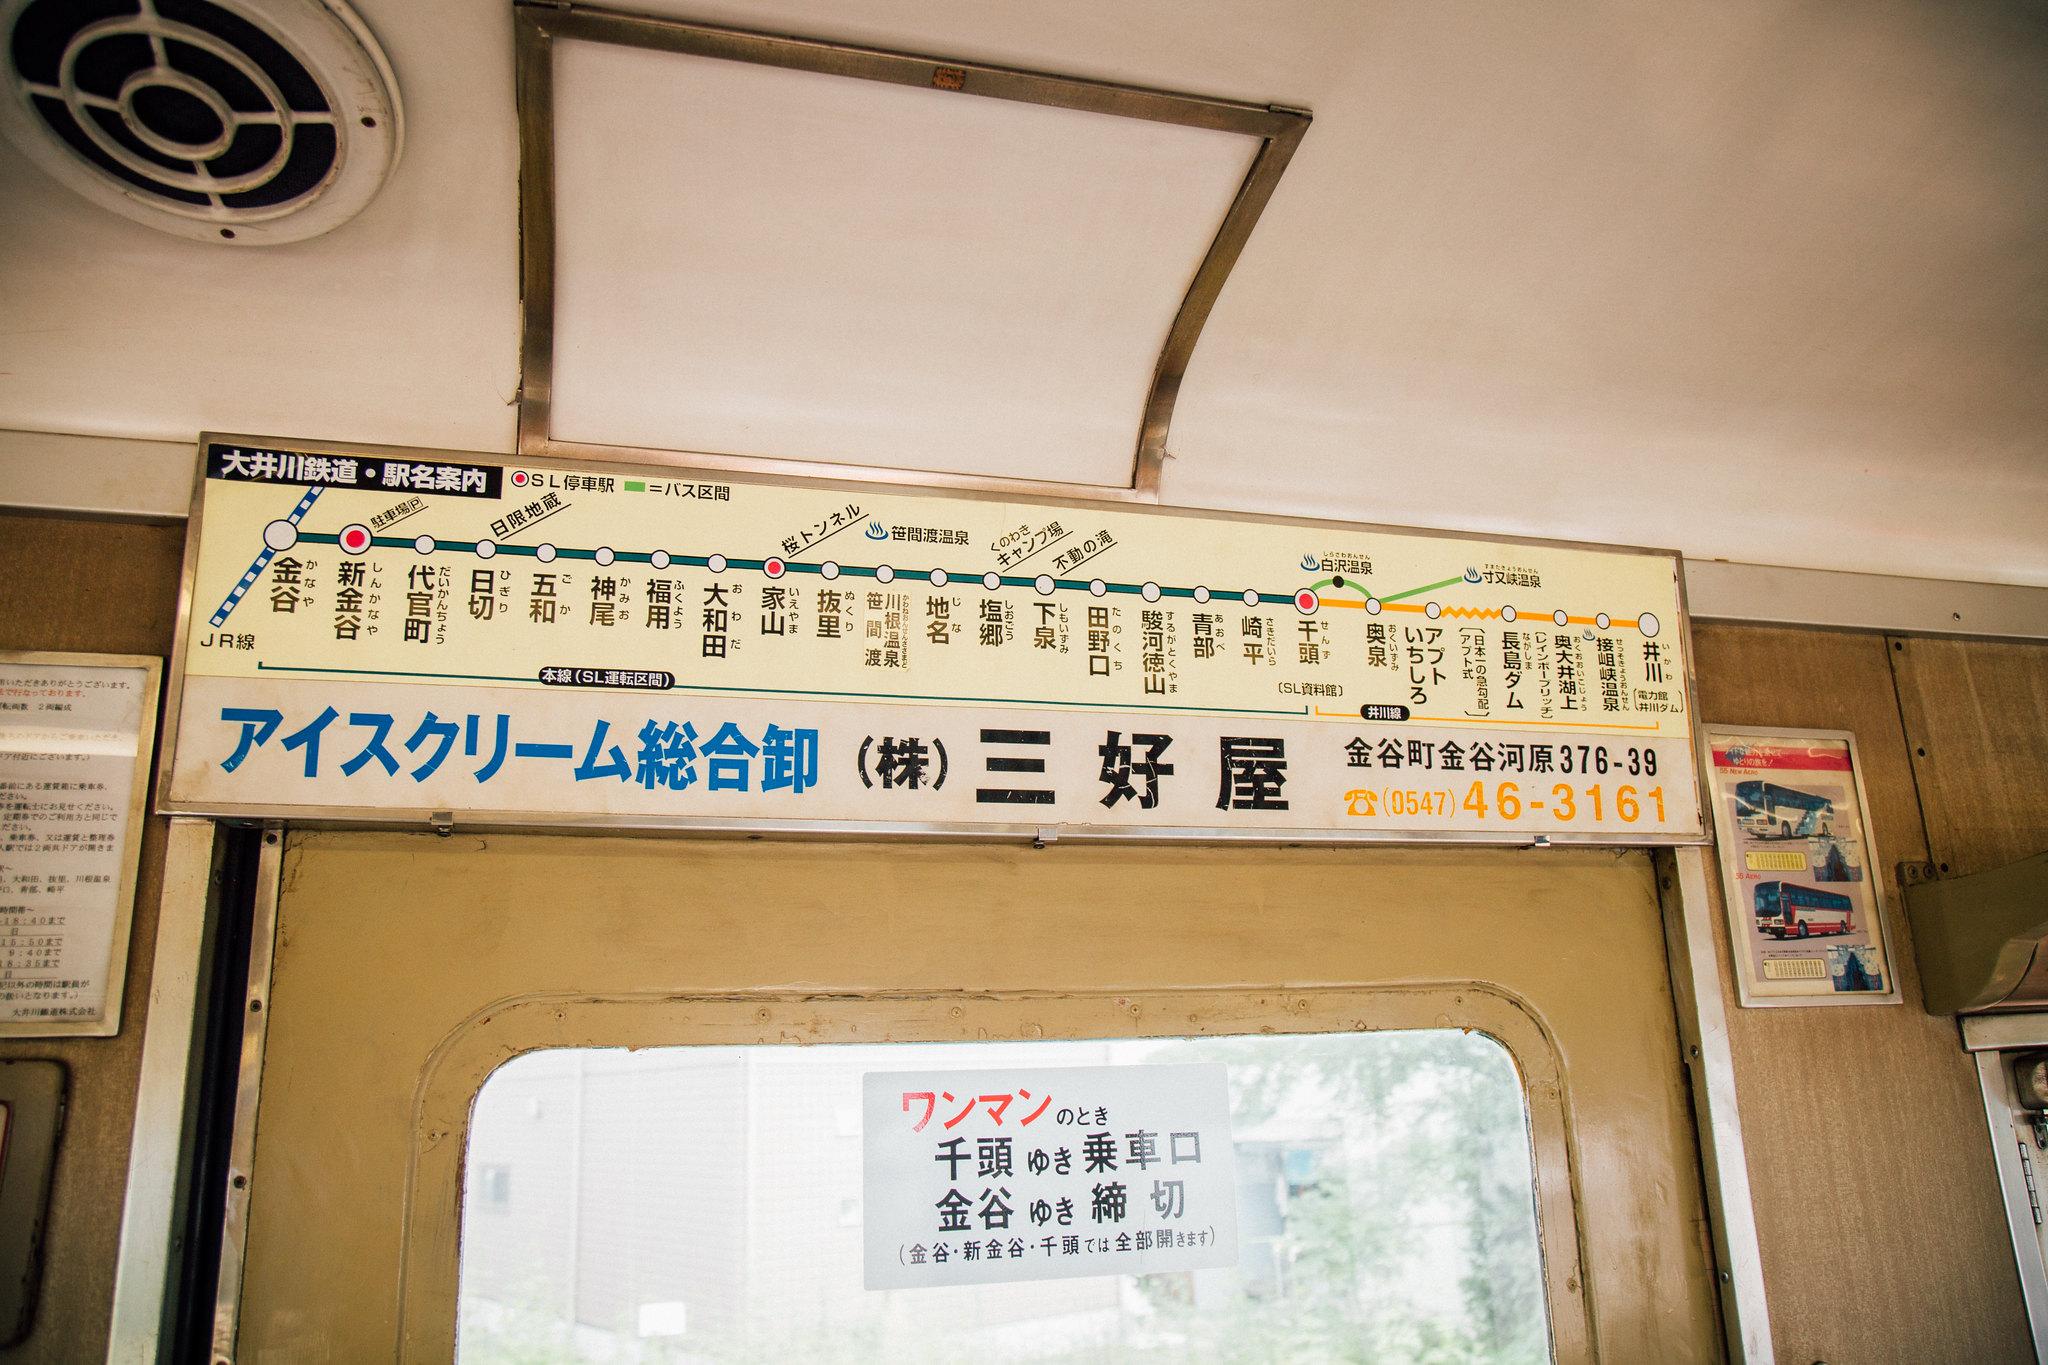 2014-09-26 大井川鉄道 025